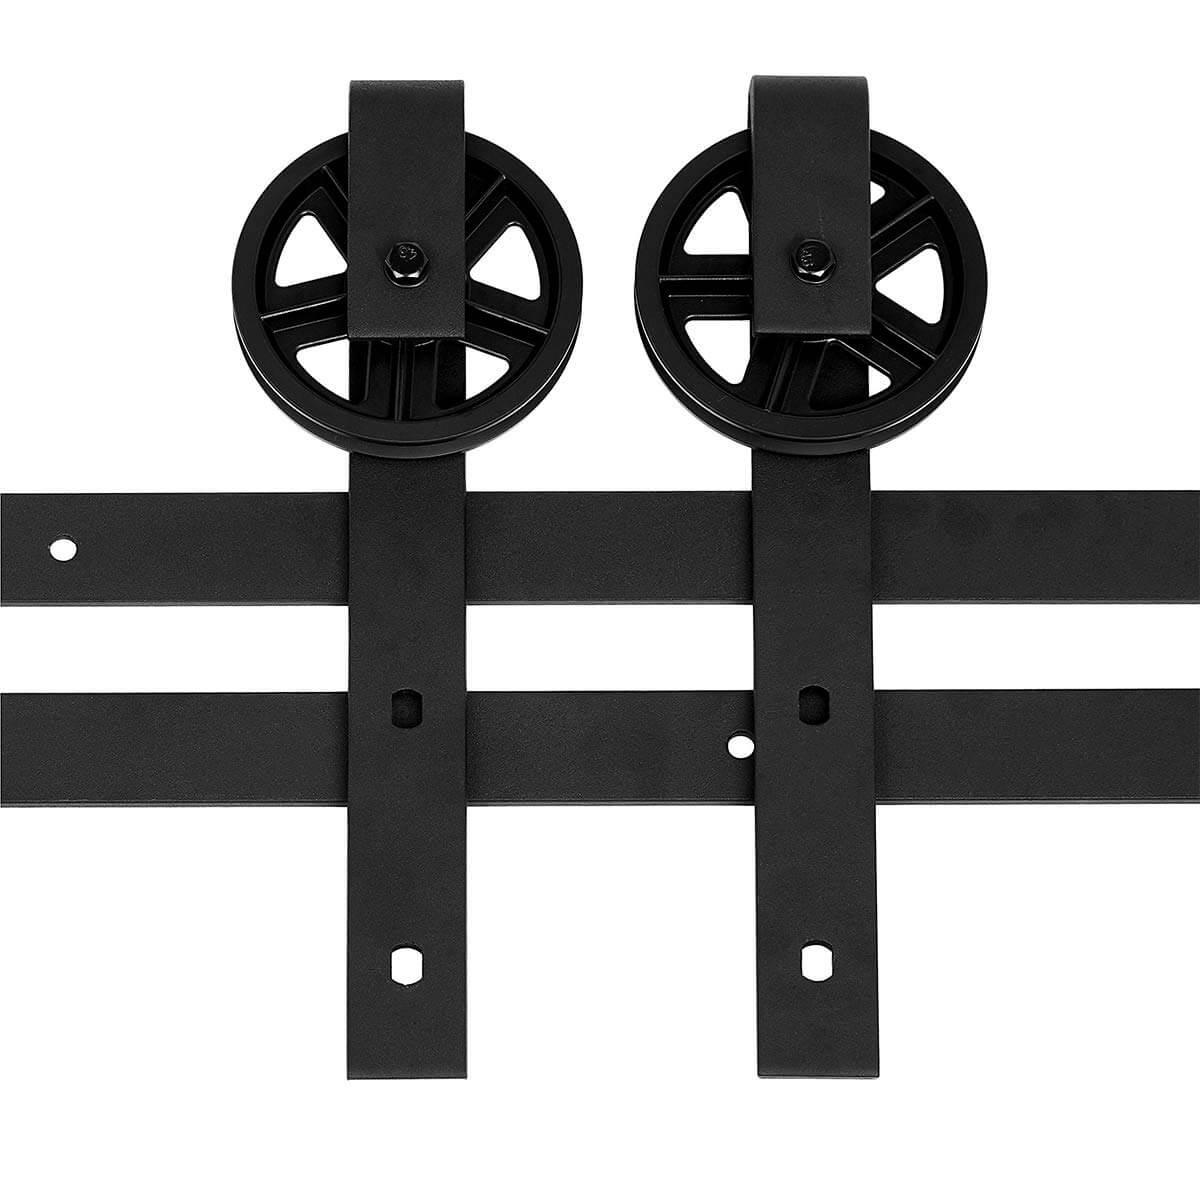 AmazonBasics Sliding Barn Door Hardware Kit, 6.6 Foot, Big Wheel, Black | Amazon